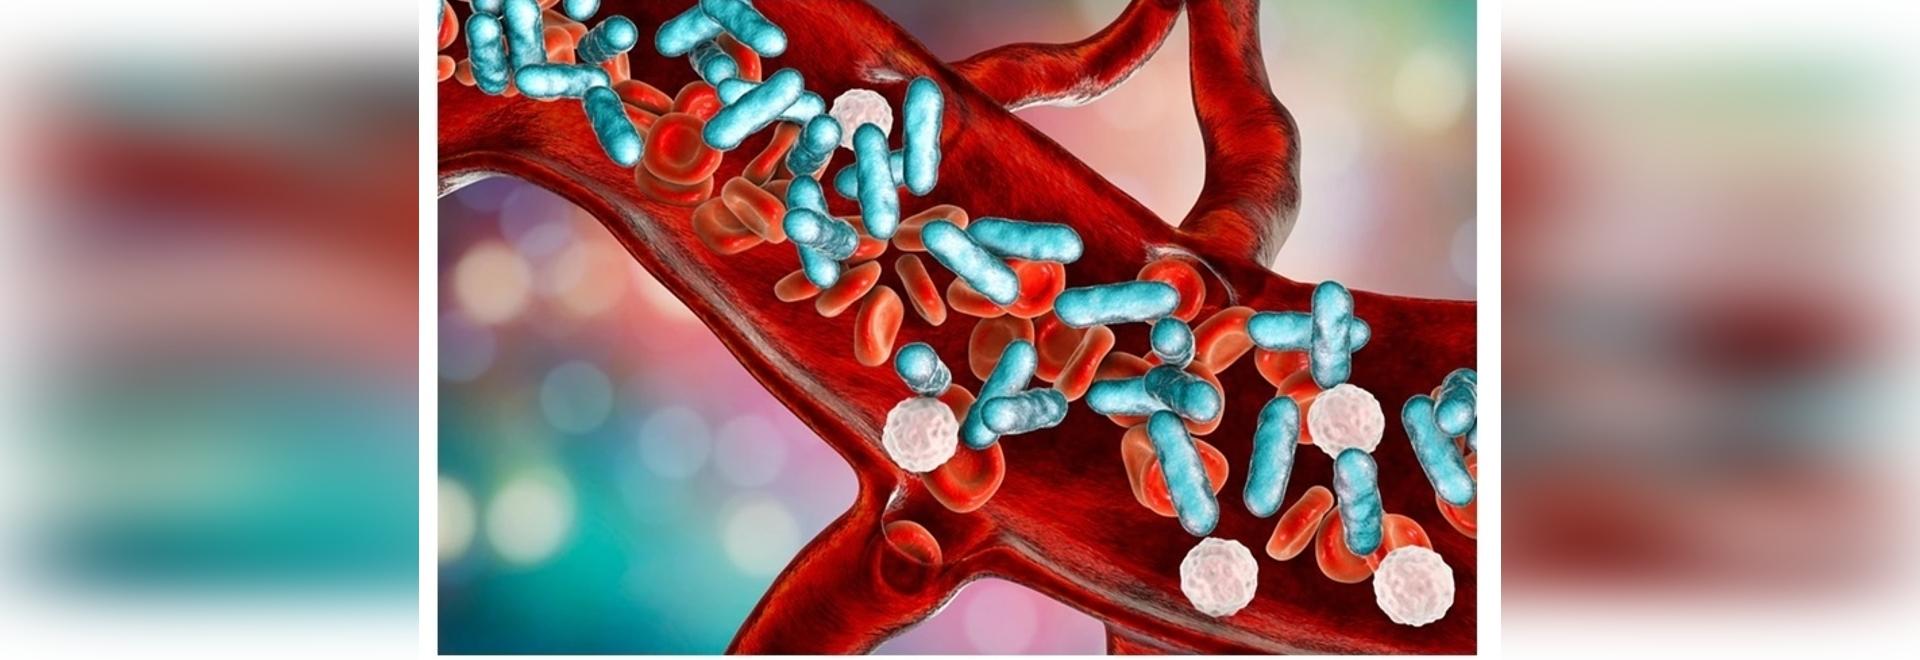 Biomaterial-basierter Impfstoff gegen bakterielle Infektion